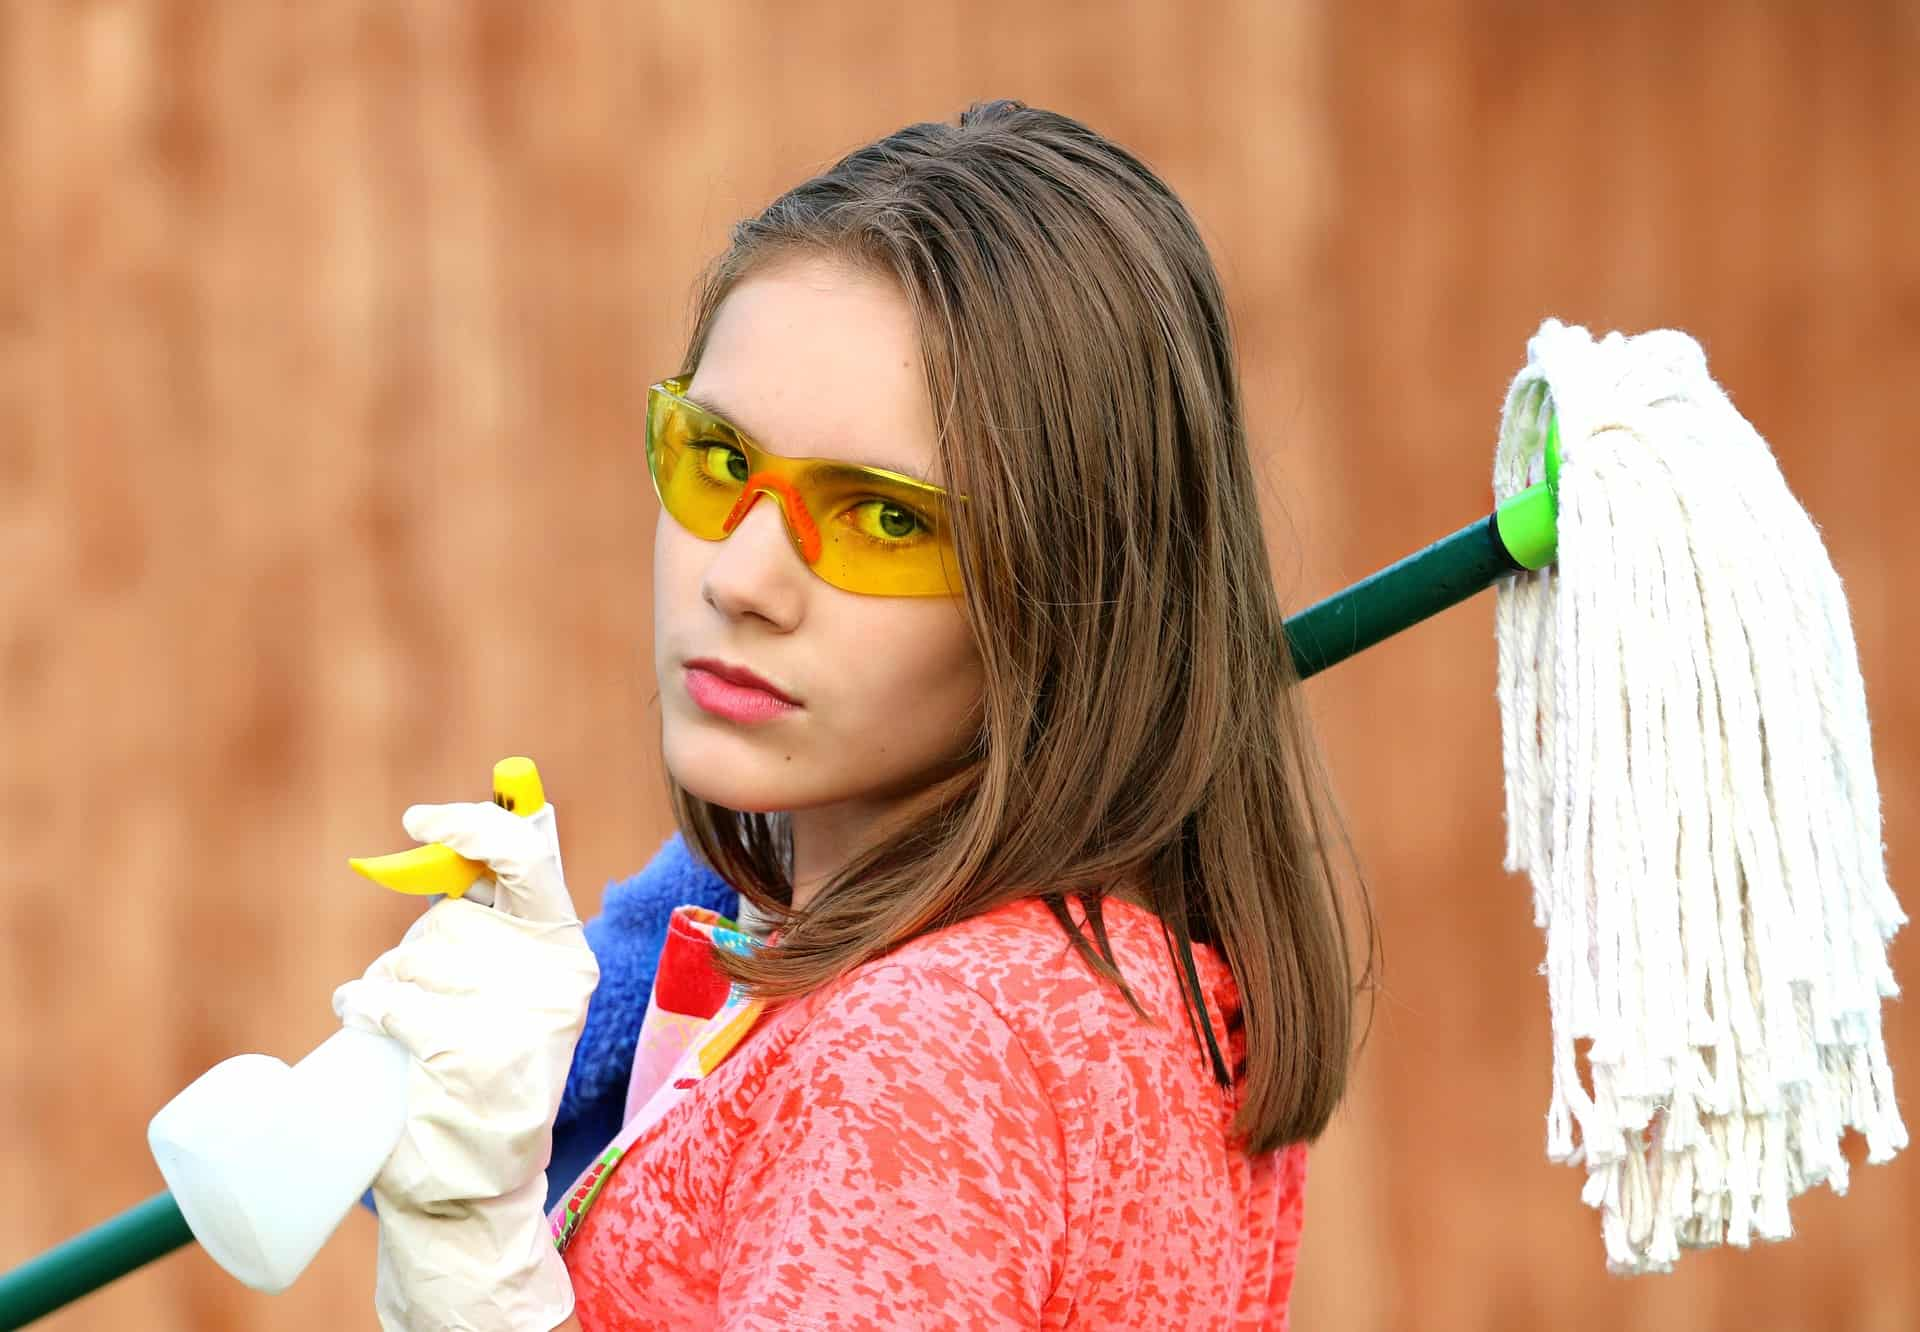 Vijf tips voor de grote voorjaarsschoonmaak